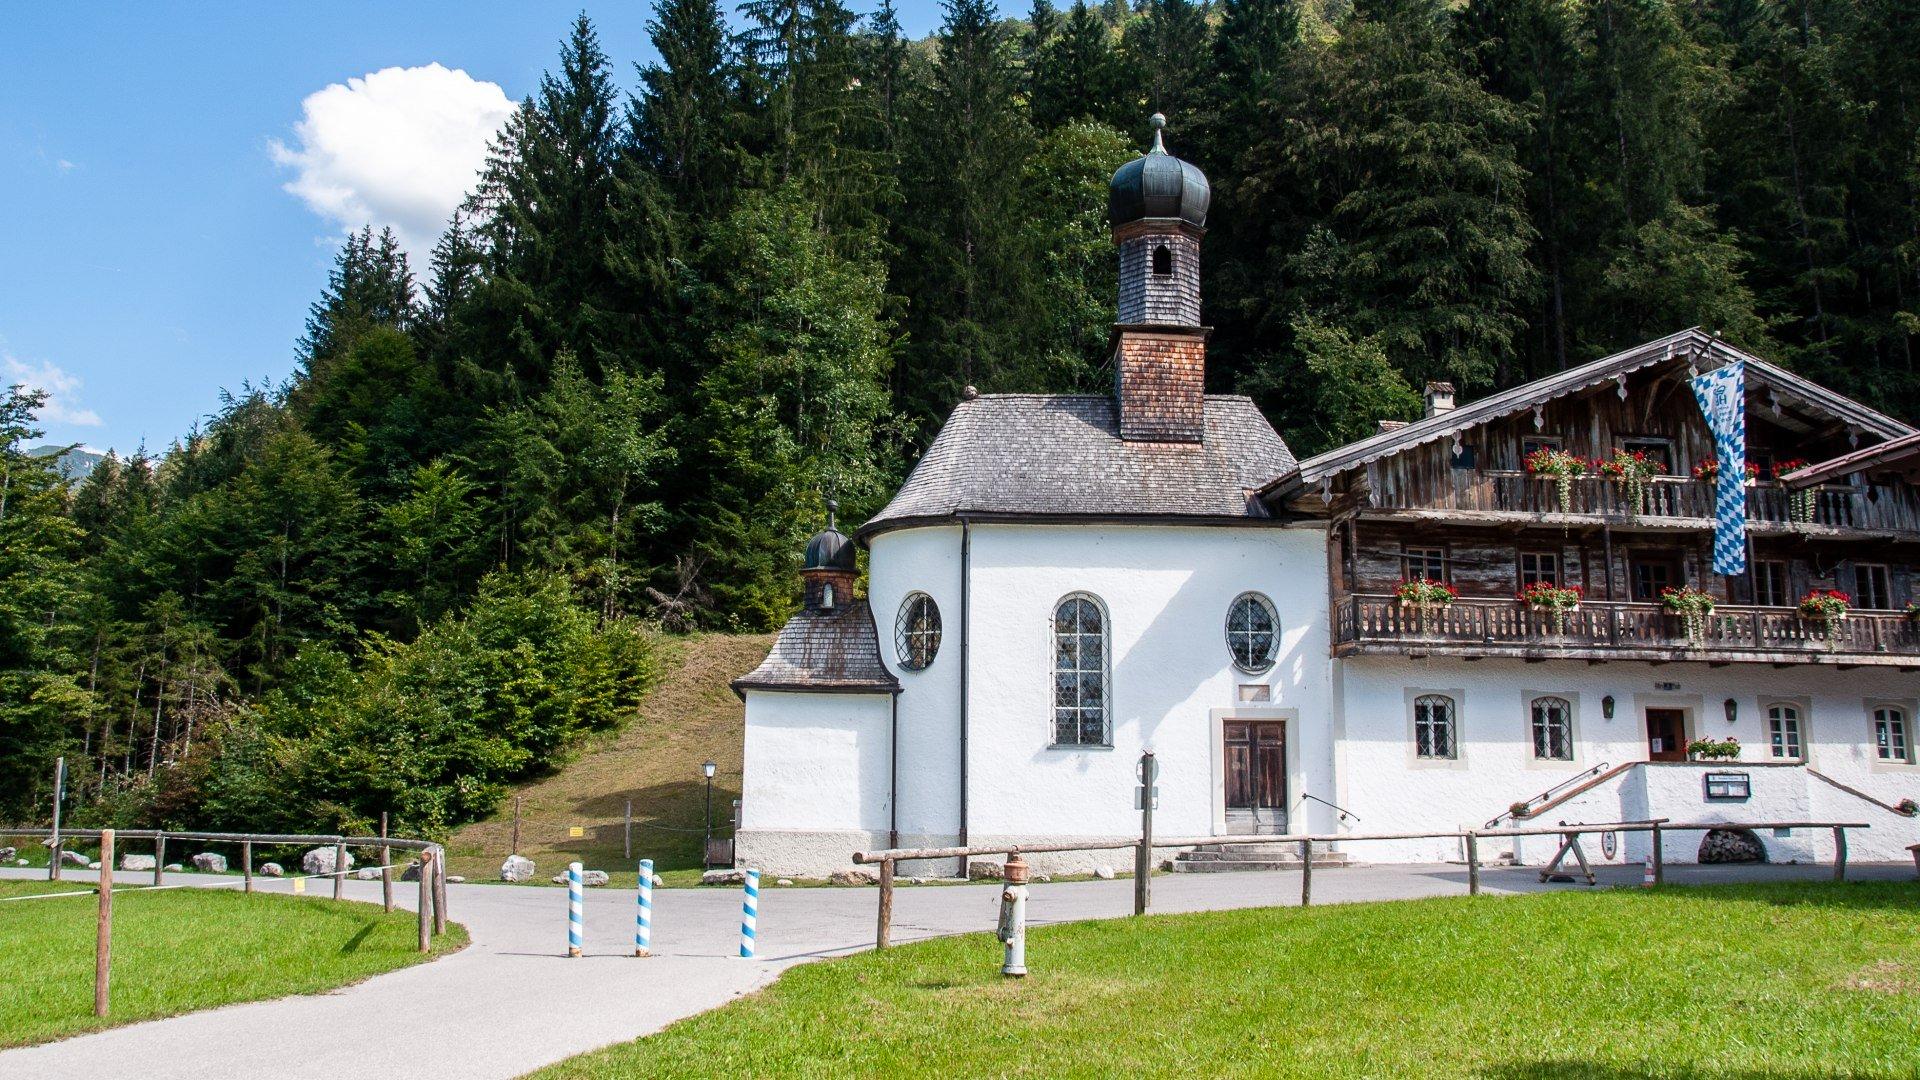 Zum Heiligen Kreuz, © Der Tegernsee, Sabine Ziegler-Musiol